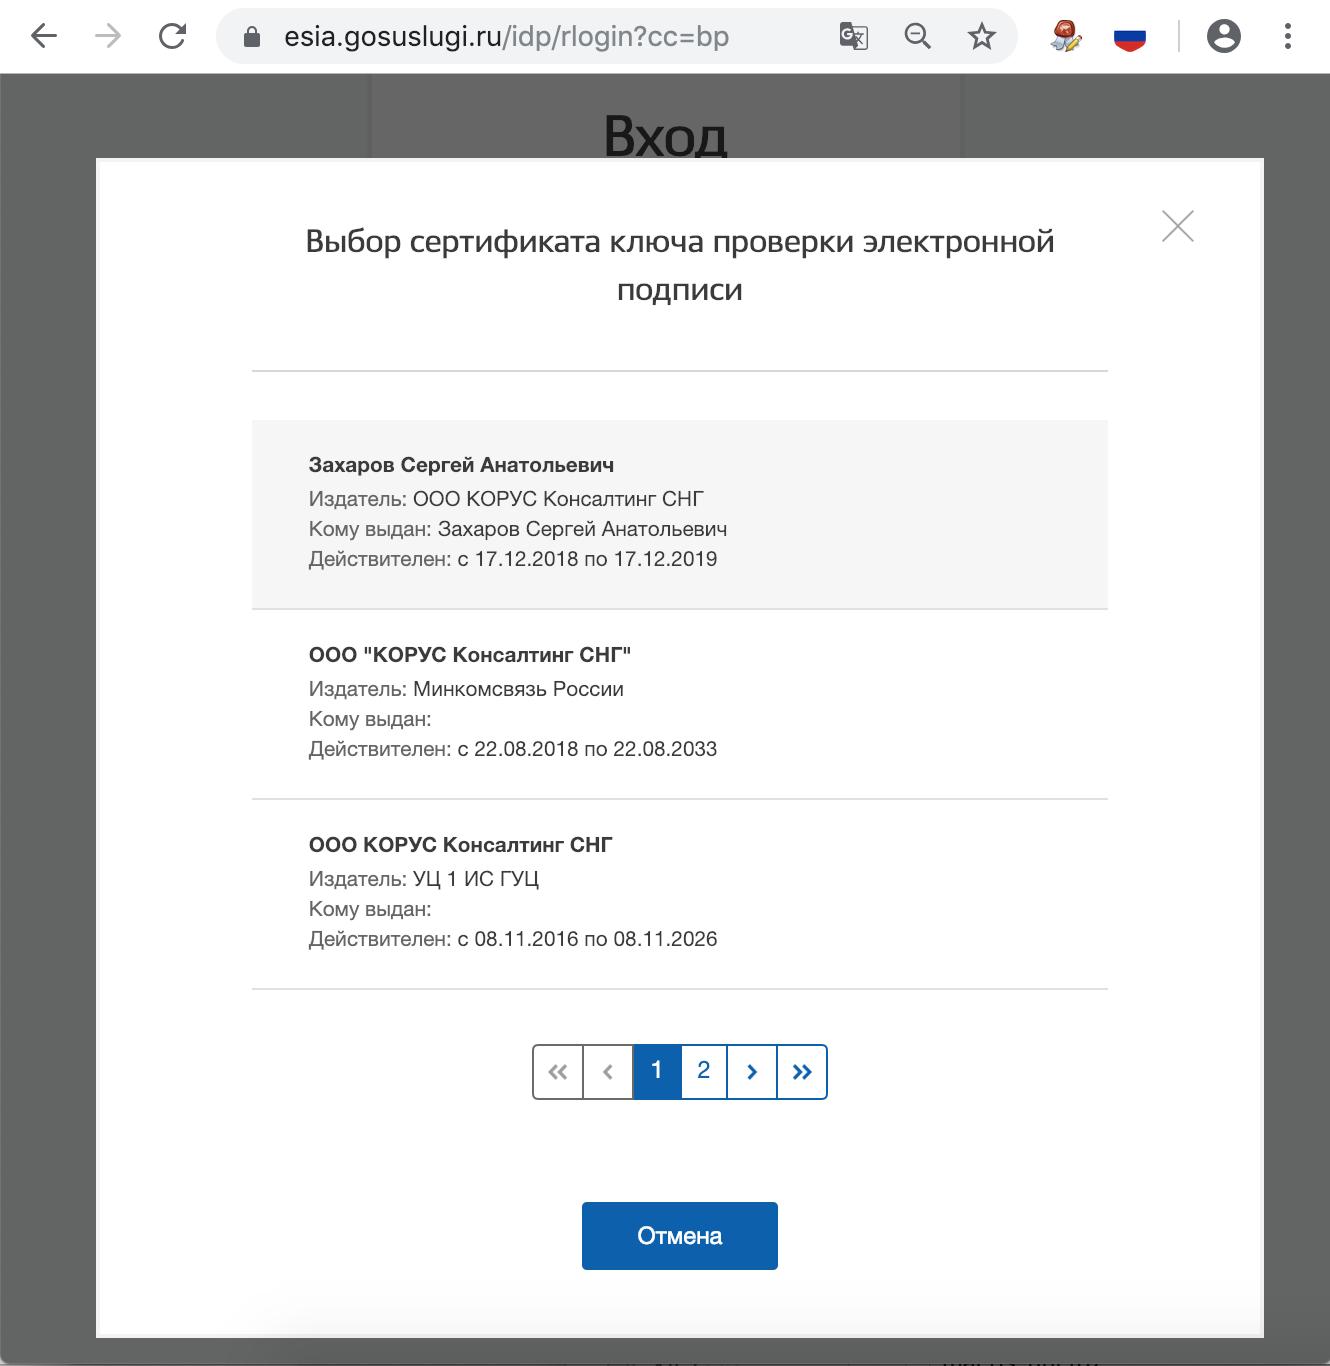 Квалифицированная электронная подпись под macOS - 8